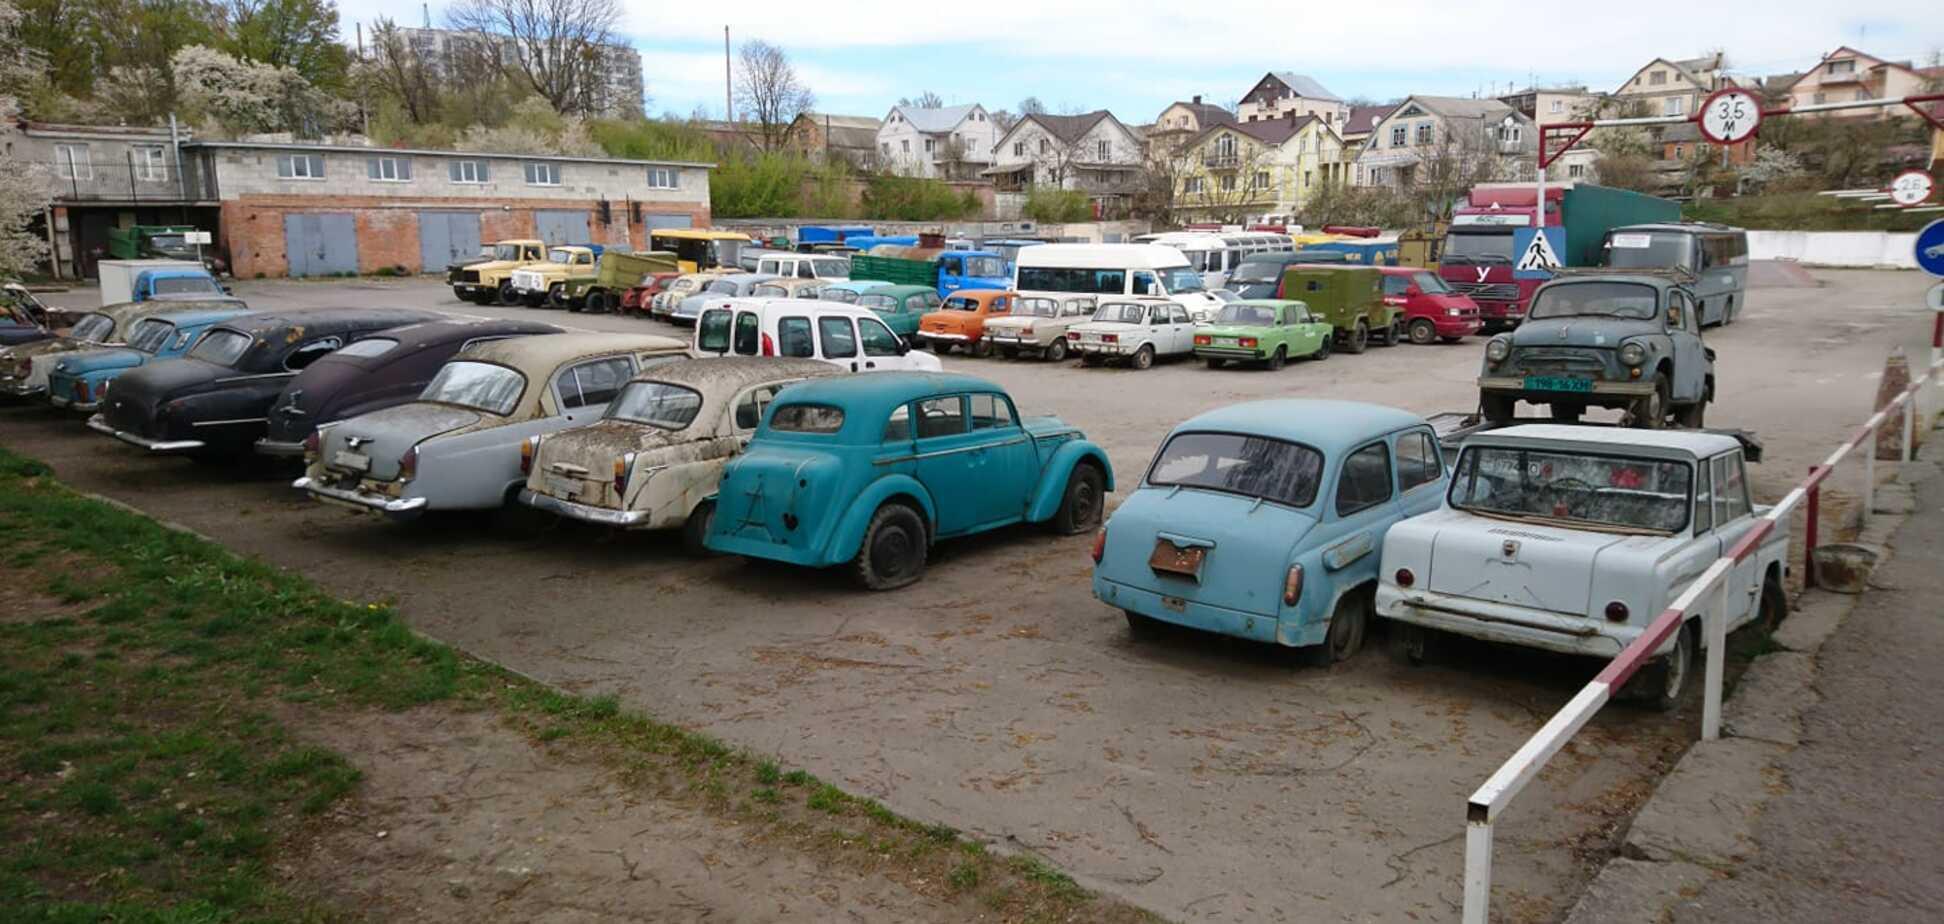 20 раритетных авто ржавеют на одной из стоянок в Украине